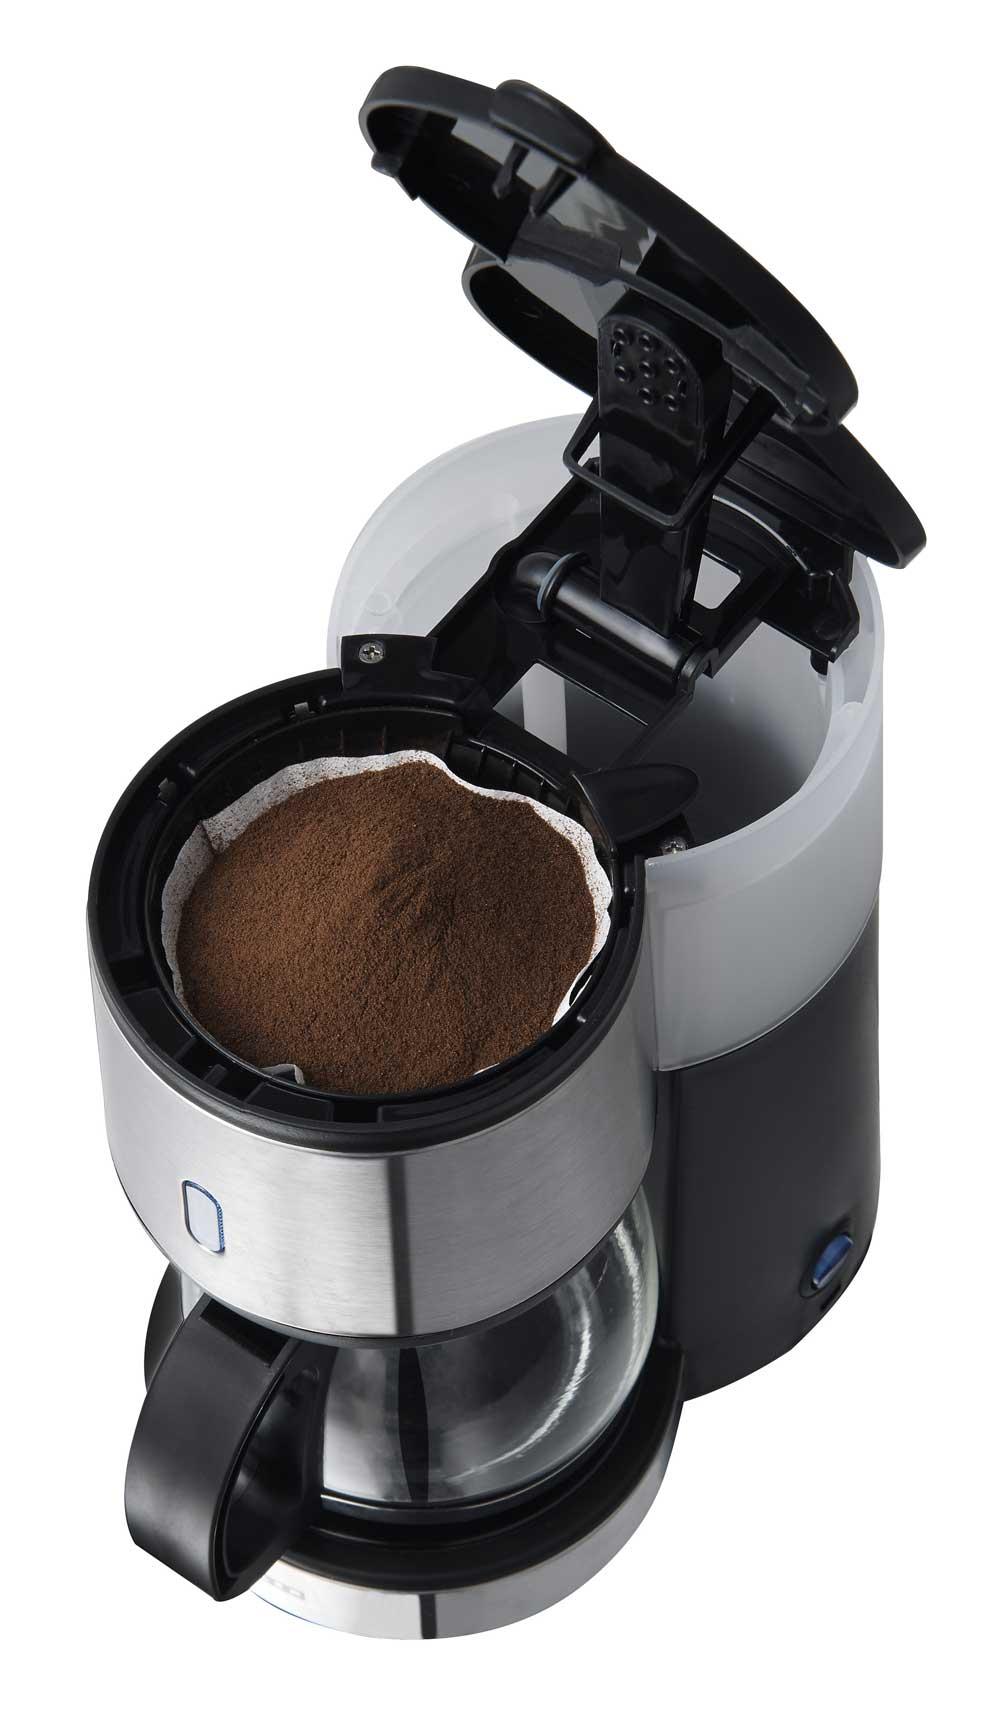 kleine filter kaffeemaschine 4 tassen 0 6 liter single. Black Bedroom Furniture Sets. Home Design Ideas